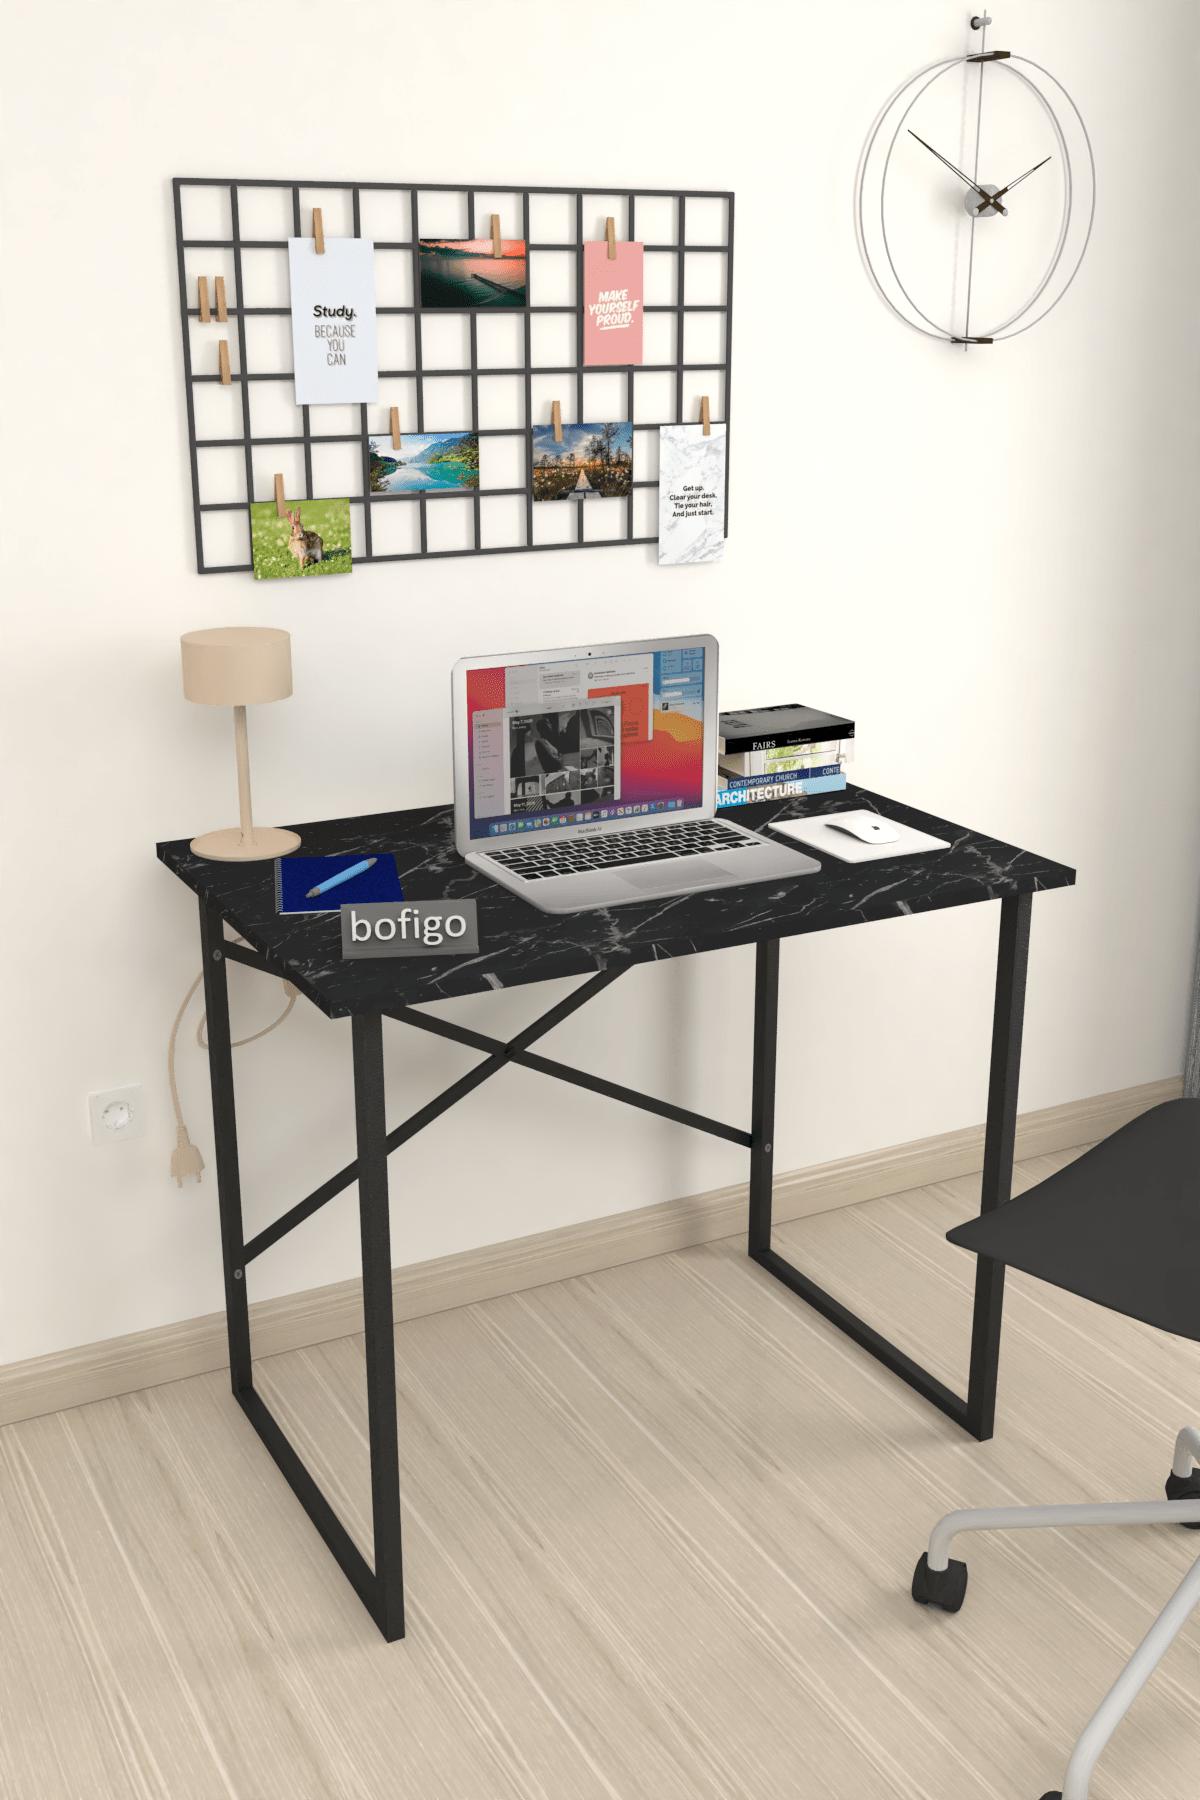 Bofigo 60x90 cm Çalışma Masası Laptop Bilgisayar Masası Ofis Ders Yemek Cocuk Masası Bendir 0